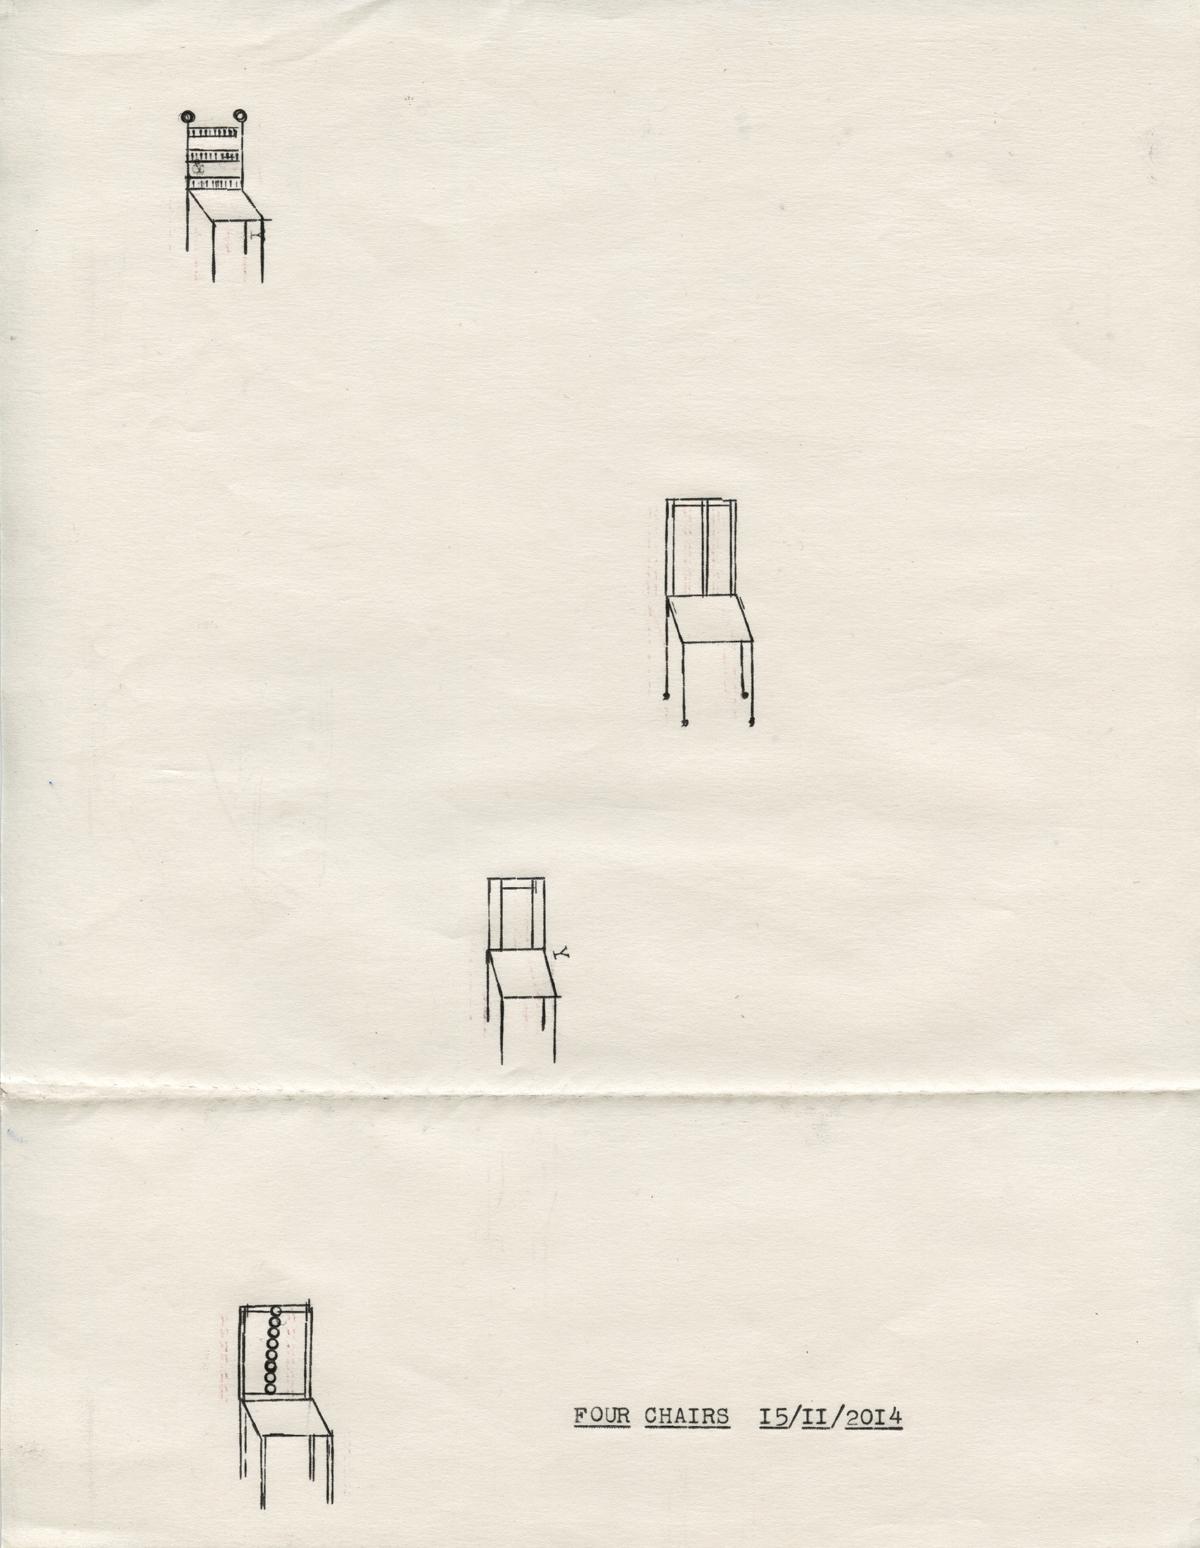 2014_15_typewriter_drawing.jpg